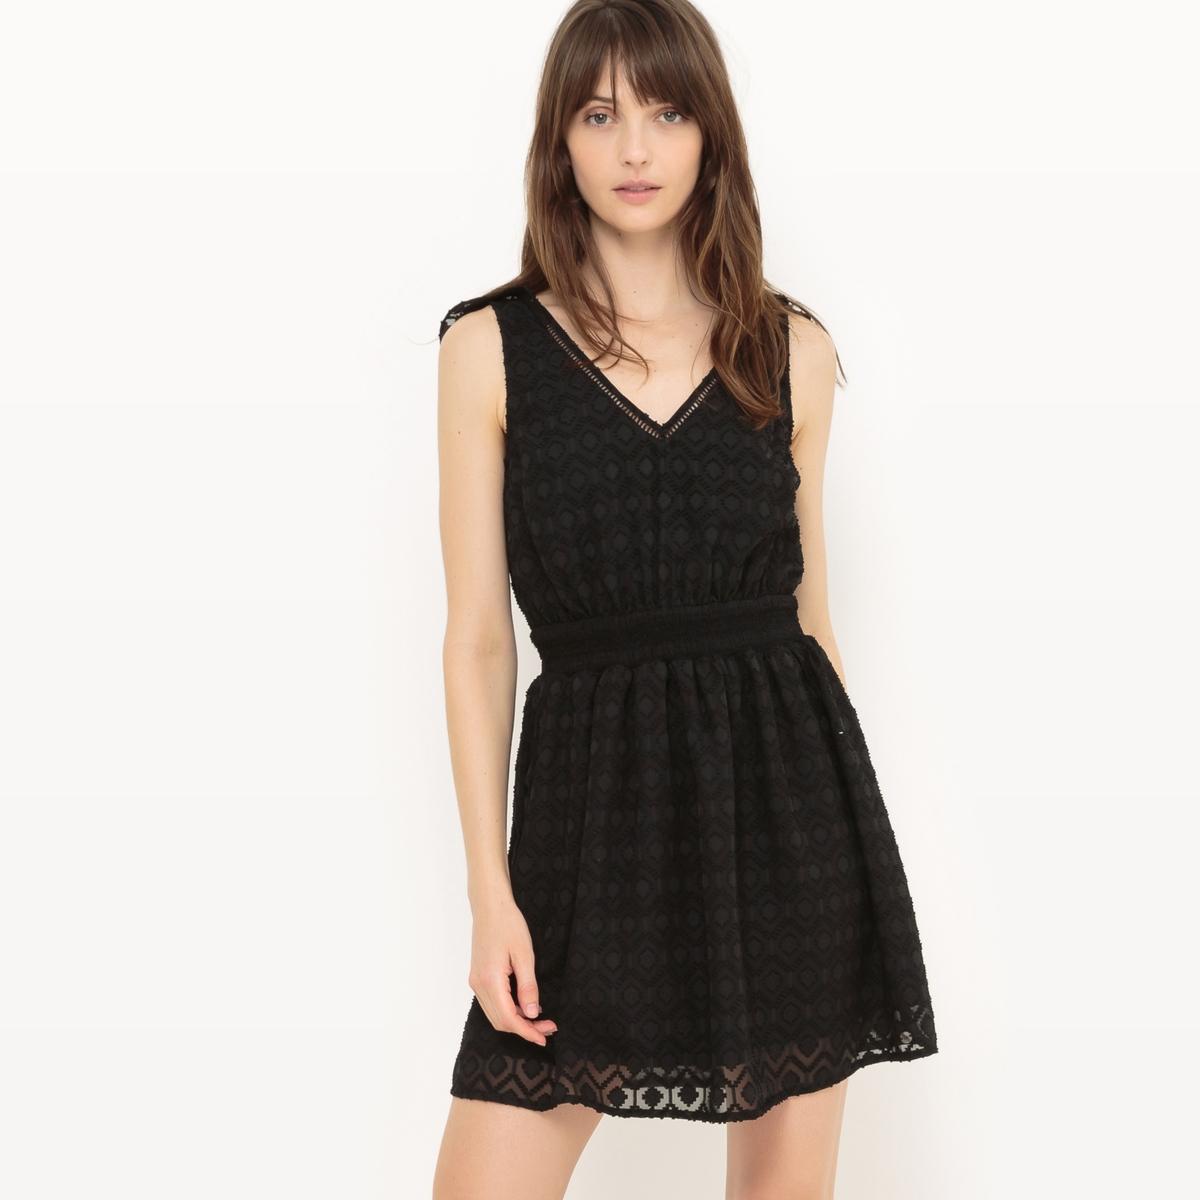 Платье без рукавов с V-образным вырезом сзади и воланами напильник 203 мм truper lpb 8b 15221